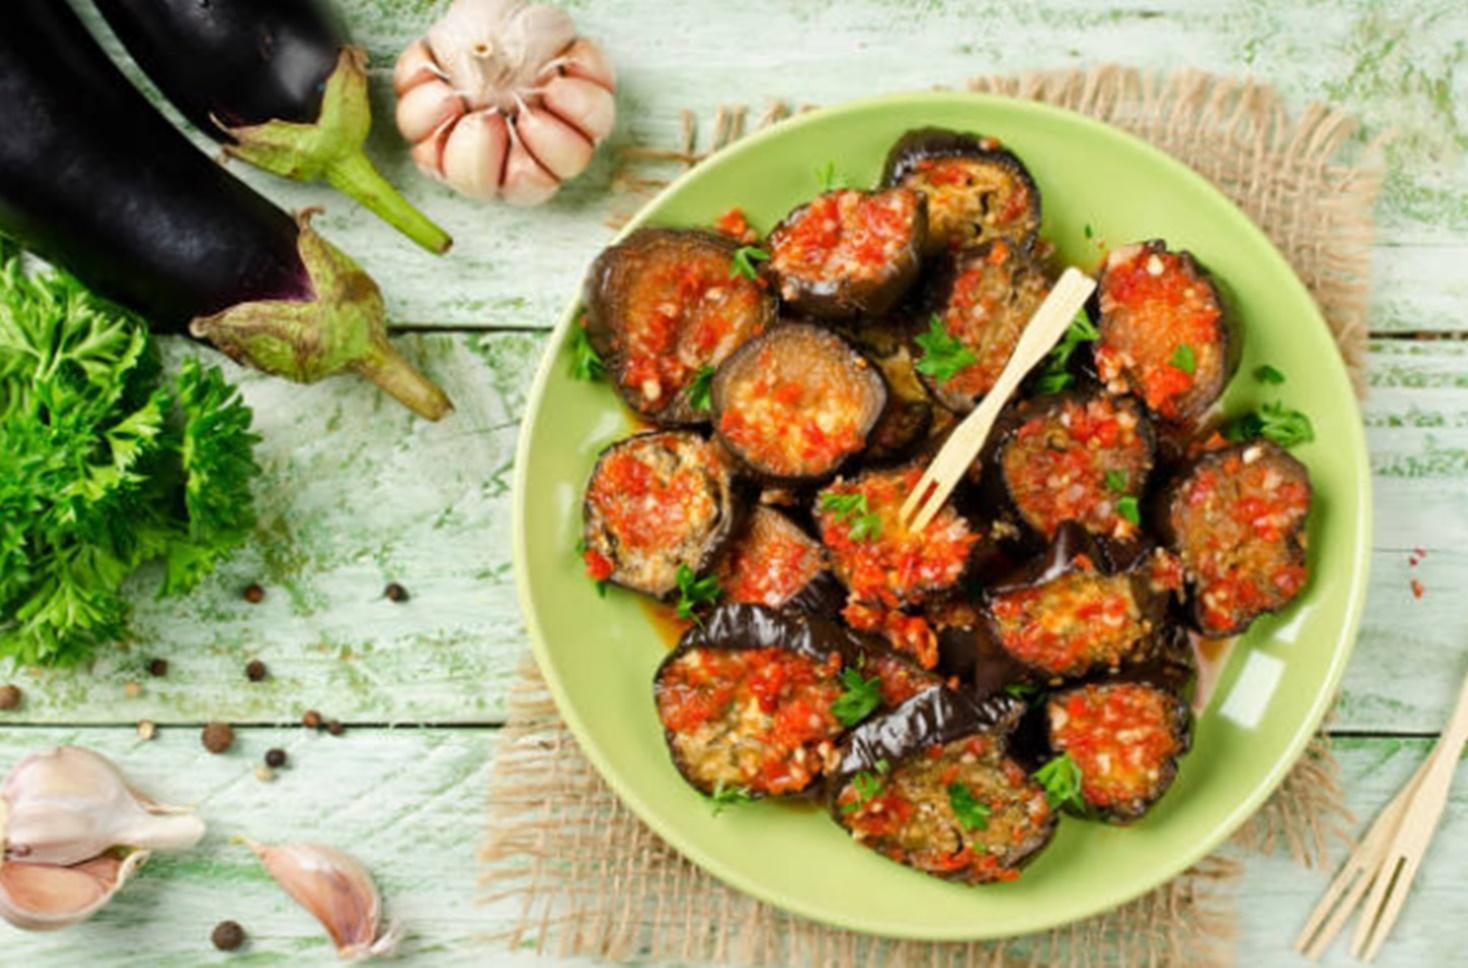 Vinete turcești. Rețetă de vinete cu sos picant de roșii și ardei